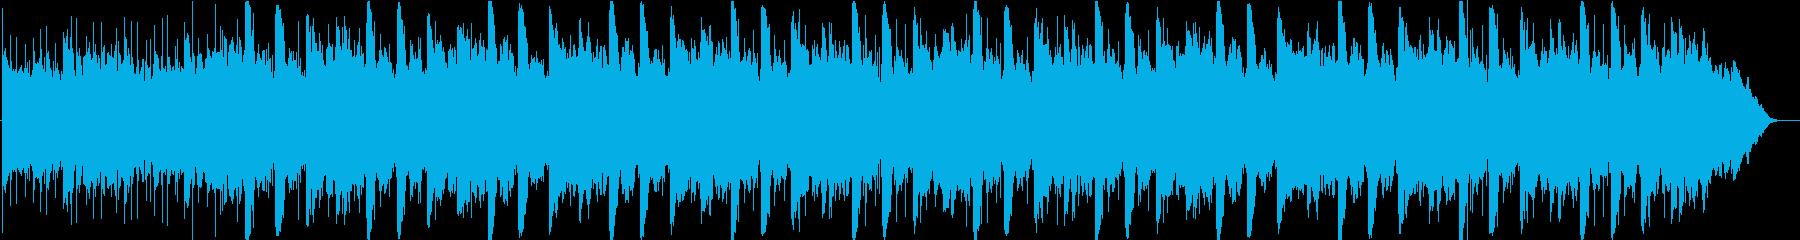 眠りの世界へヒーリングミュージックの再生済みの波形